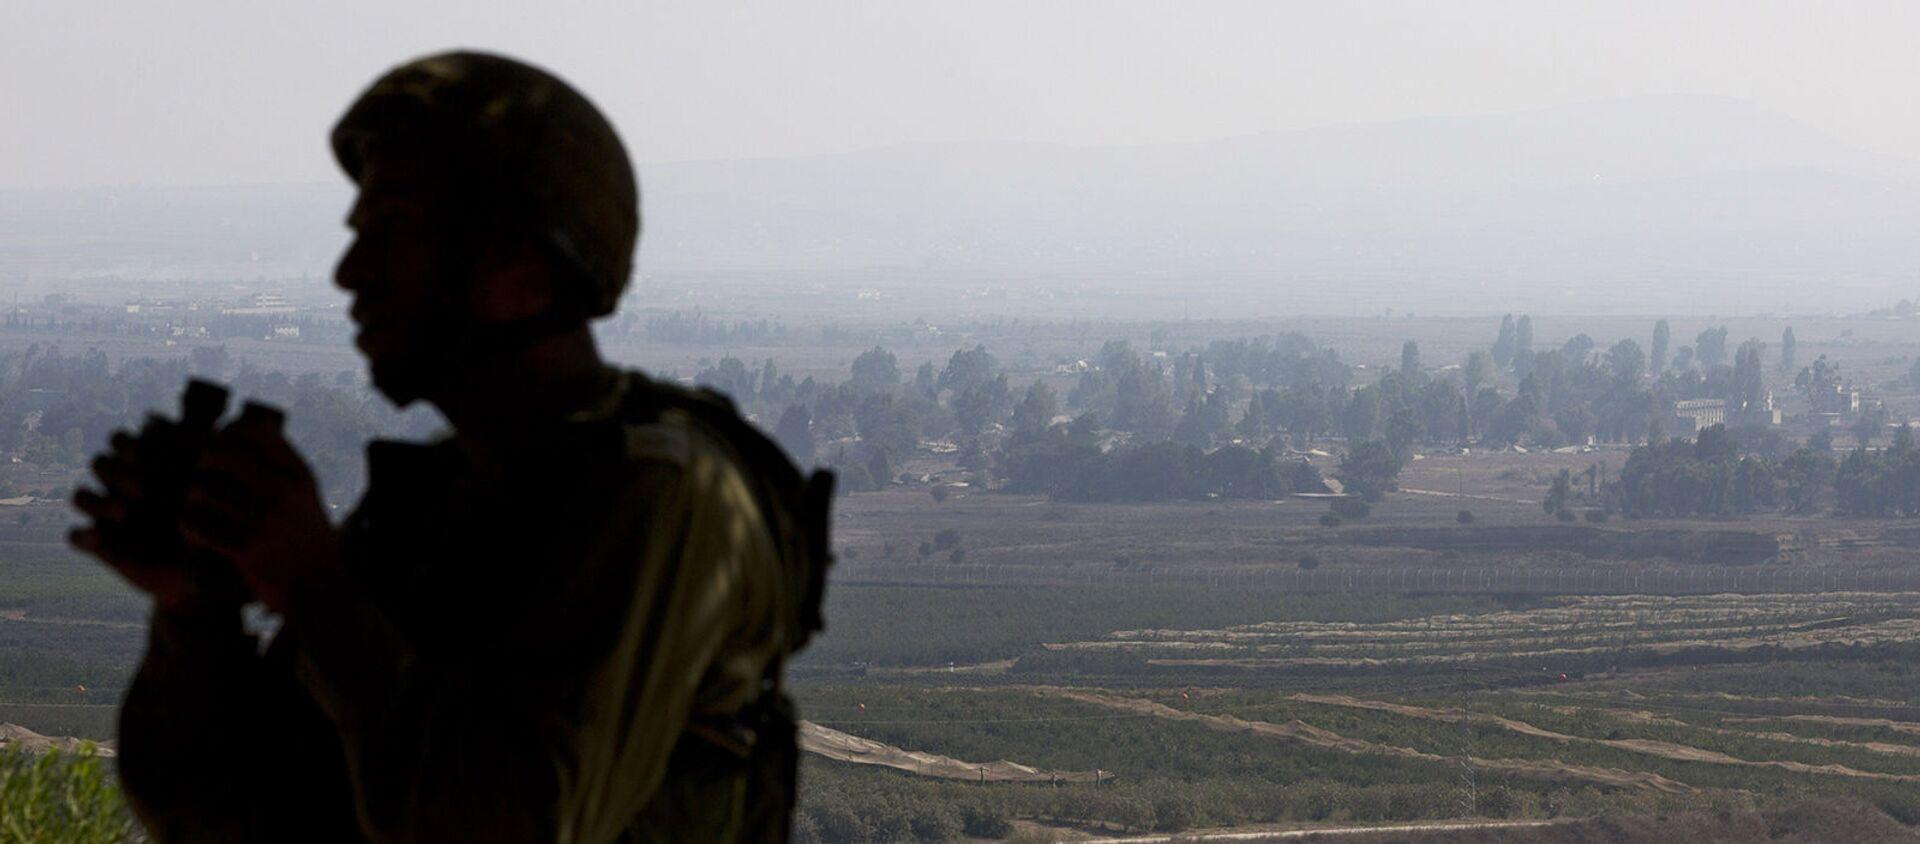 Израильский солдат наблюдает за сирийской провинцией Эль-Кунейтра из наблюдательного пункта на контролируемых Израилем Голанских высотах (1 сентября 2014). - Sputnik Армения, 1920, 05.03.2021